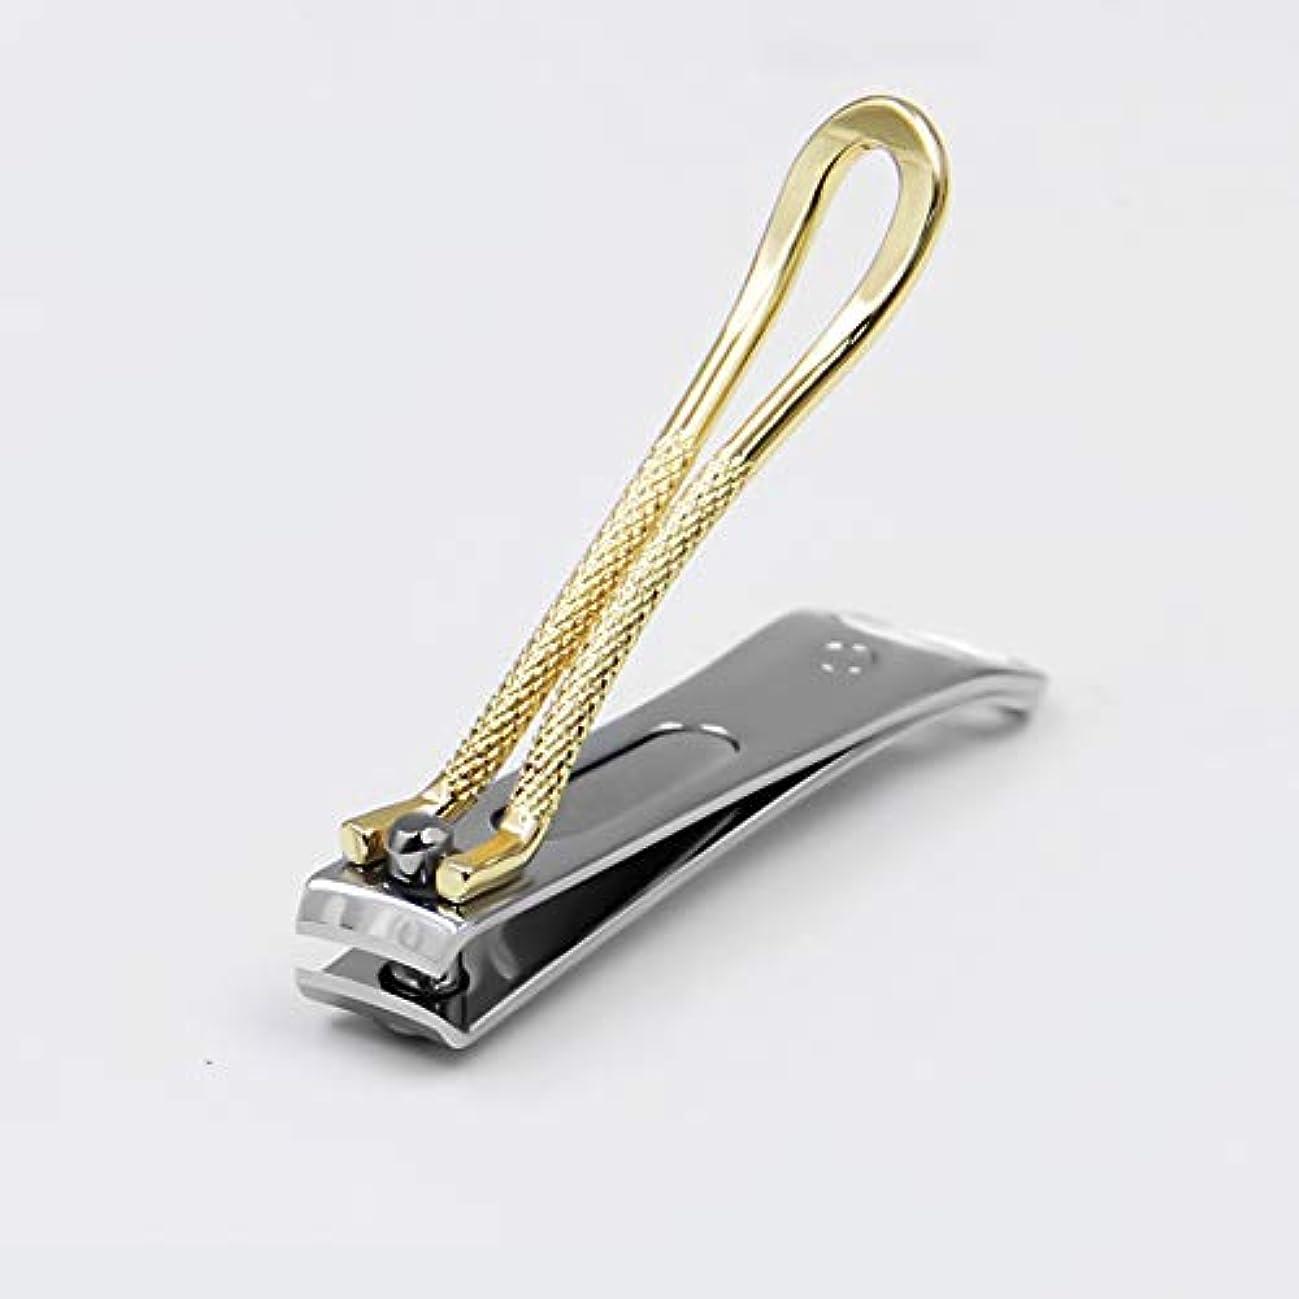 味付け爪武装解除トゥルーゴールドカラーの小さな爪切り、RIMEI記念モデル、女性、6.4x1.1cm